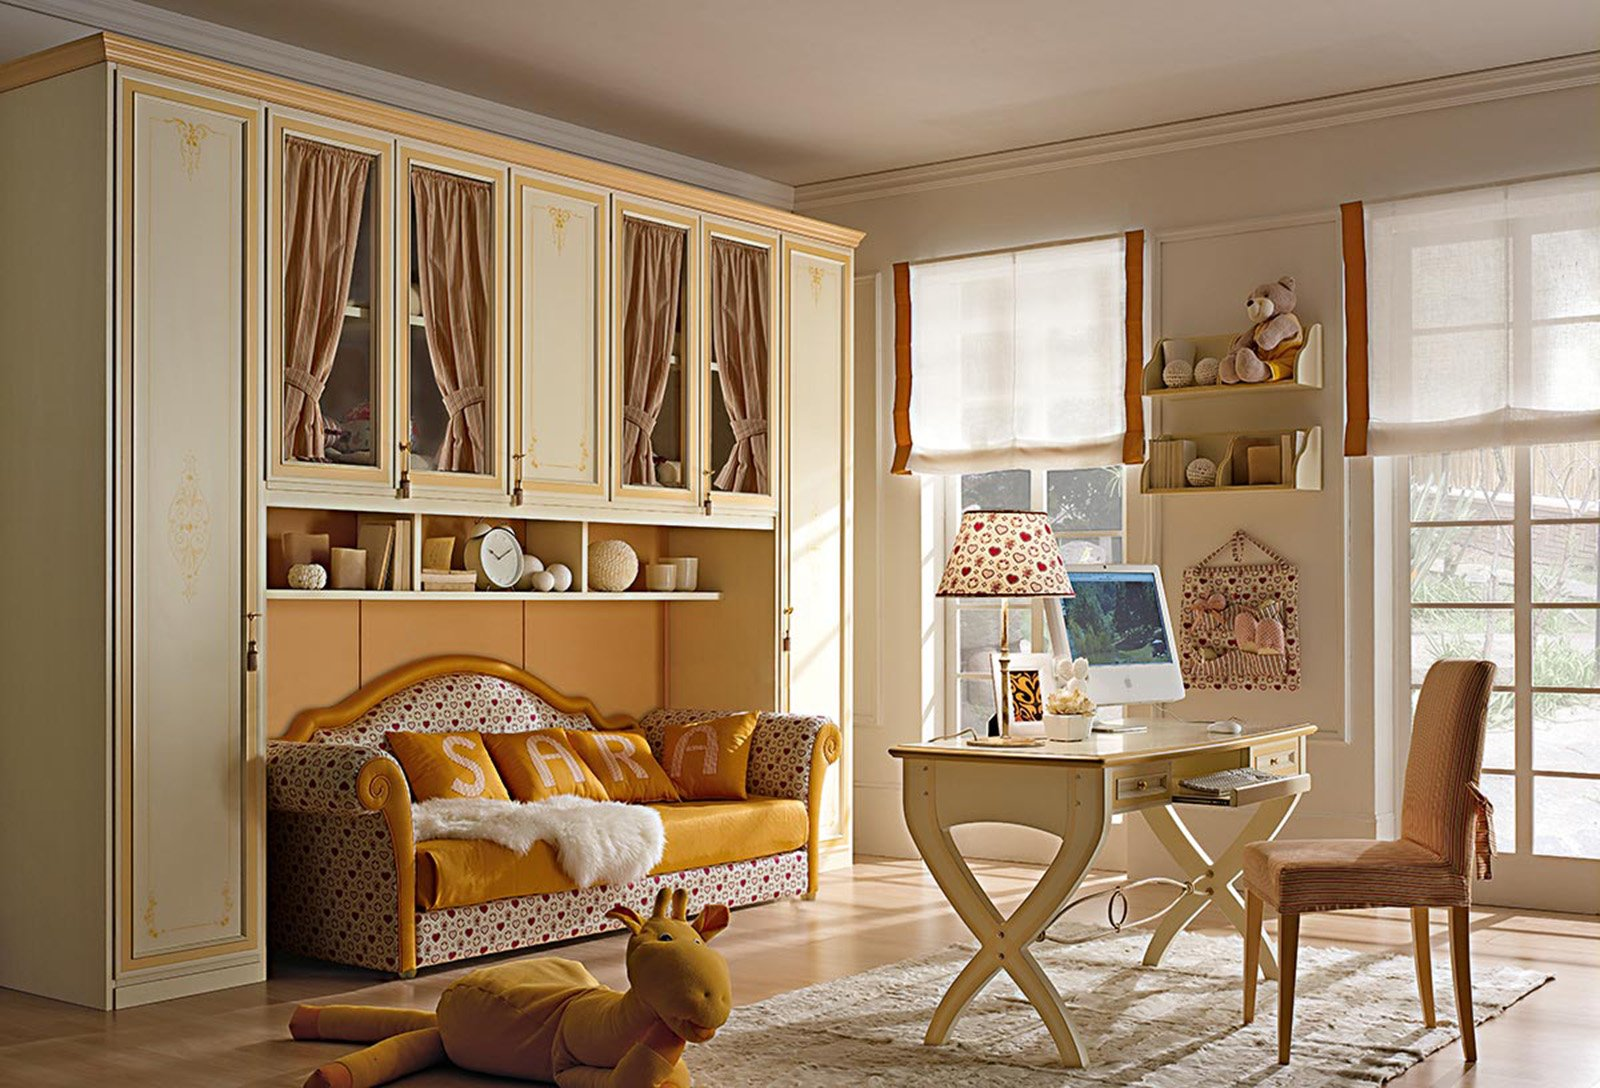 La cameretta romantica di gusto classico cose di casa - Immagini camere da letto romantiche ...